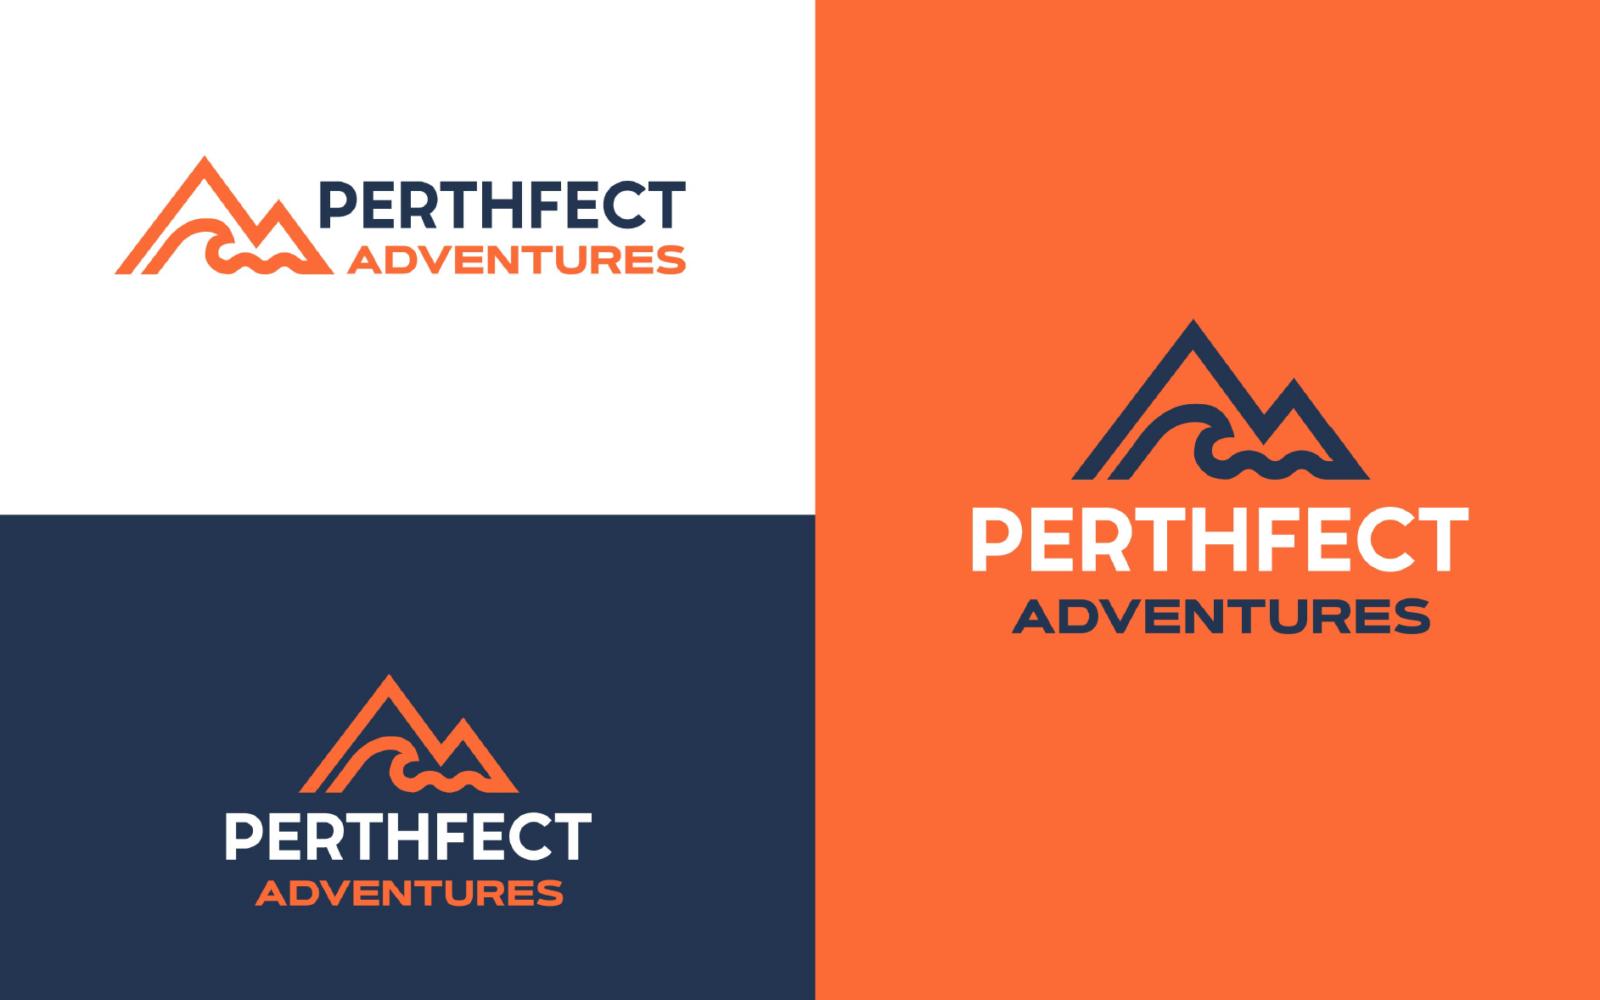 Perthfect Adventures Logo